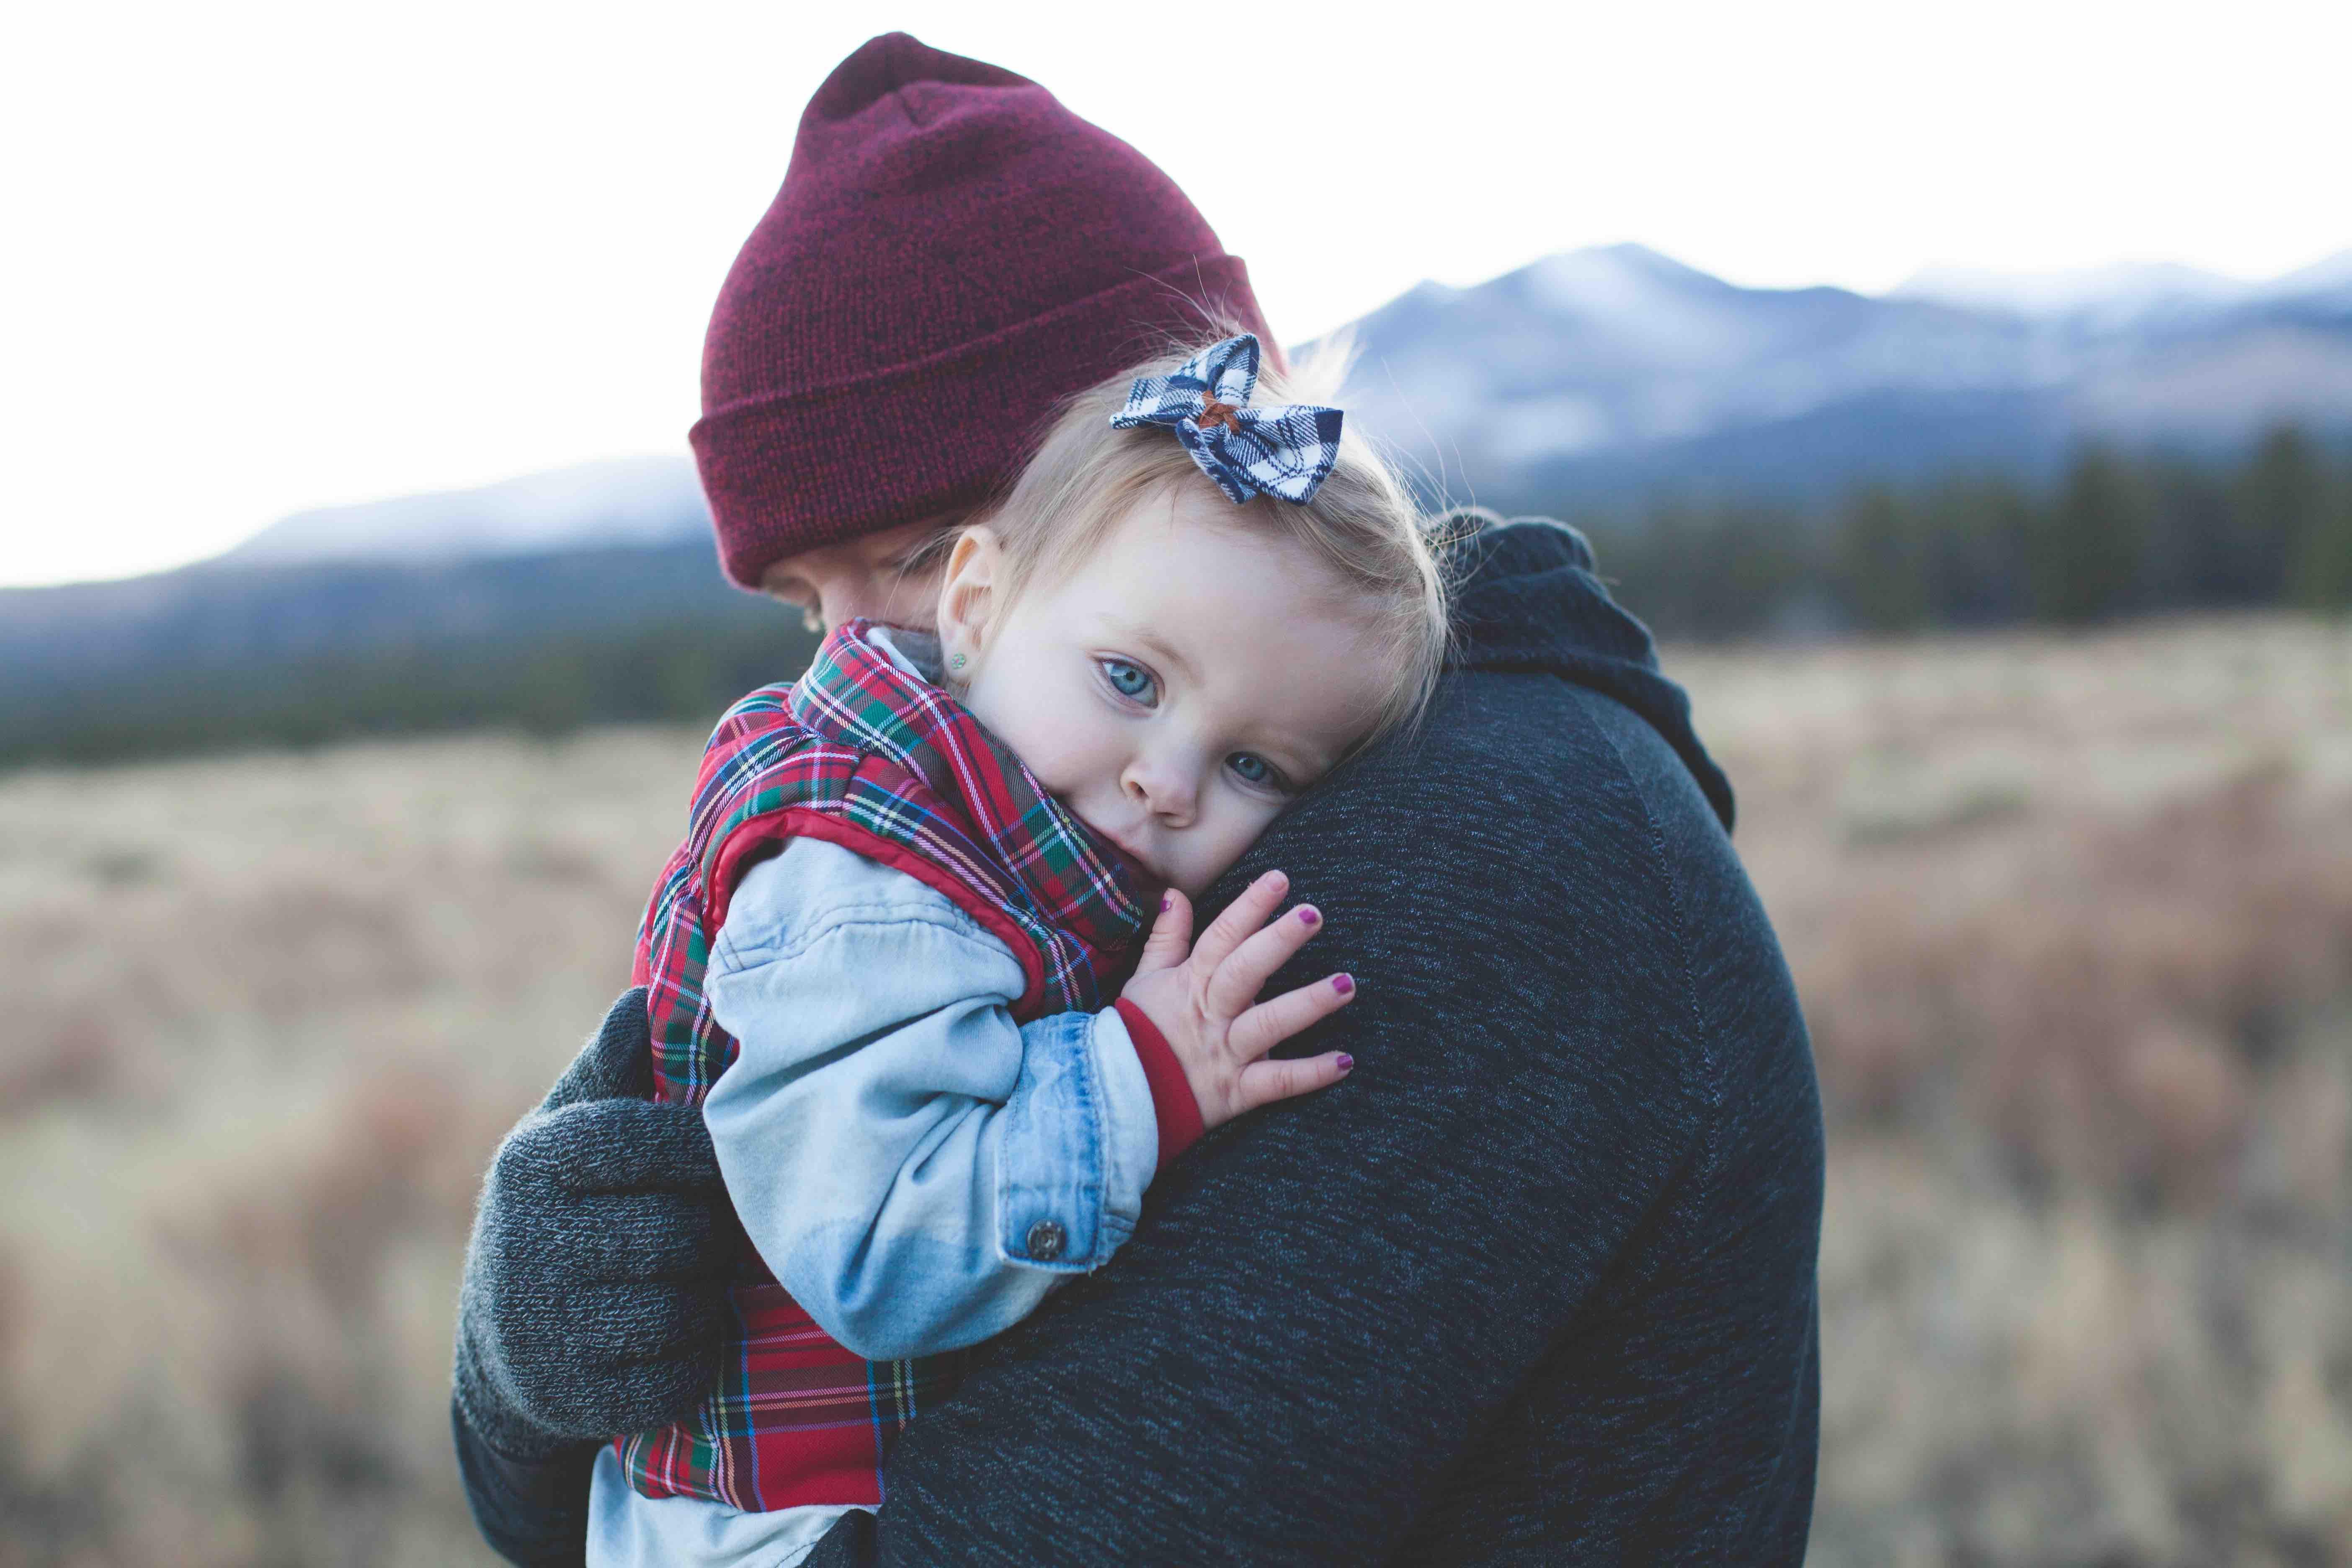 かわいい赤ちゃんハーフモデル!我が子をモデルにするには??